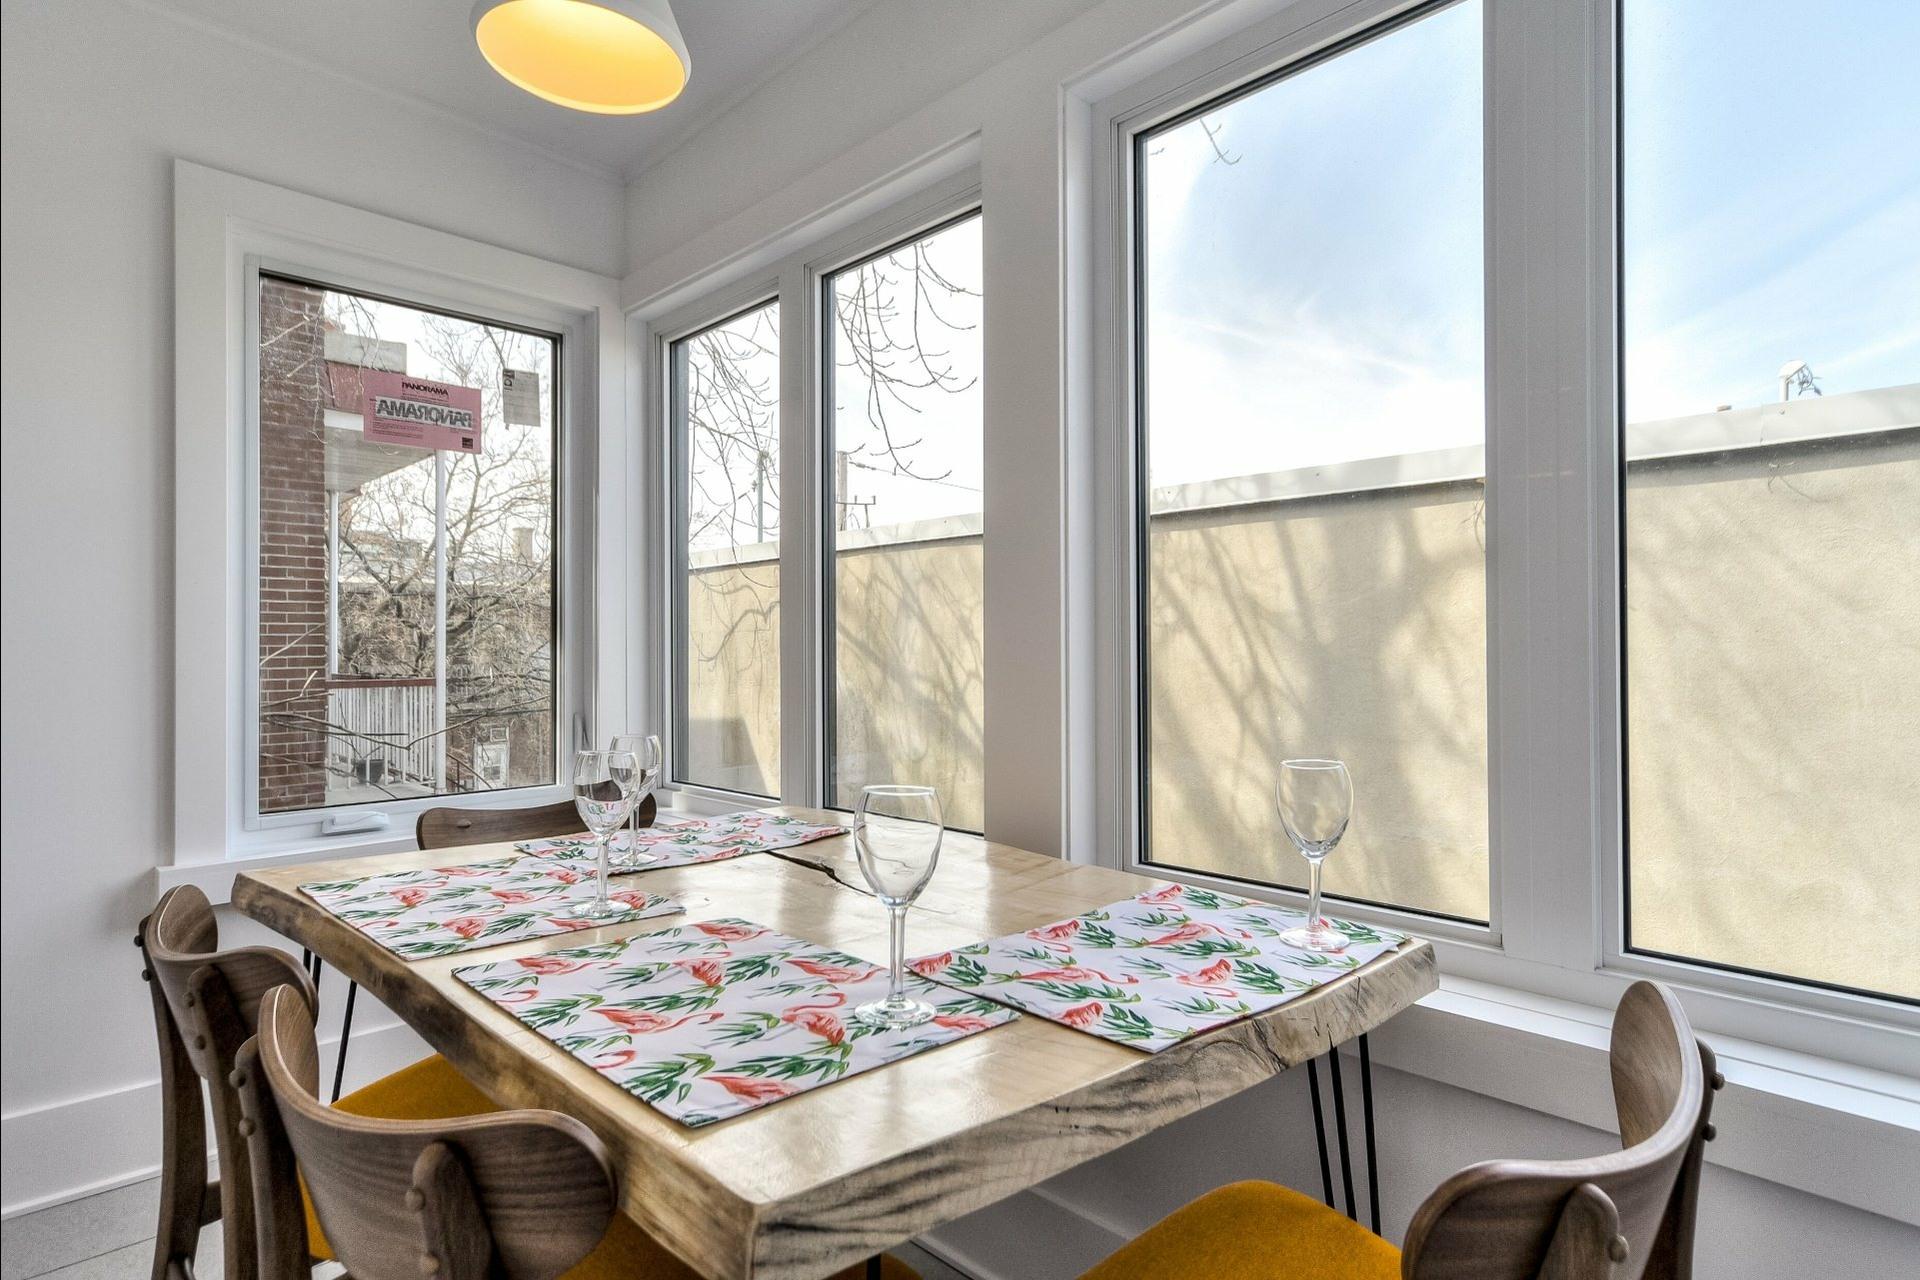 image 32 - Immeuble à revenus À vendre Montréal Villeray/Saint-Michel/Parc-Extension  - 3 pièces